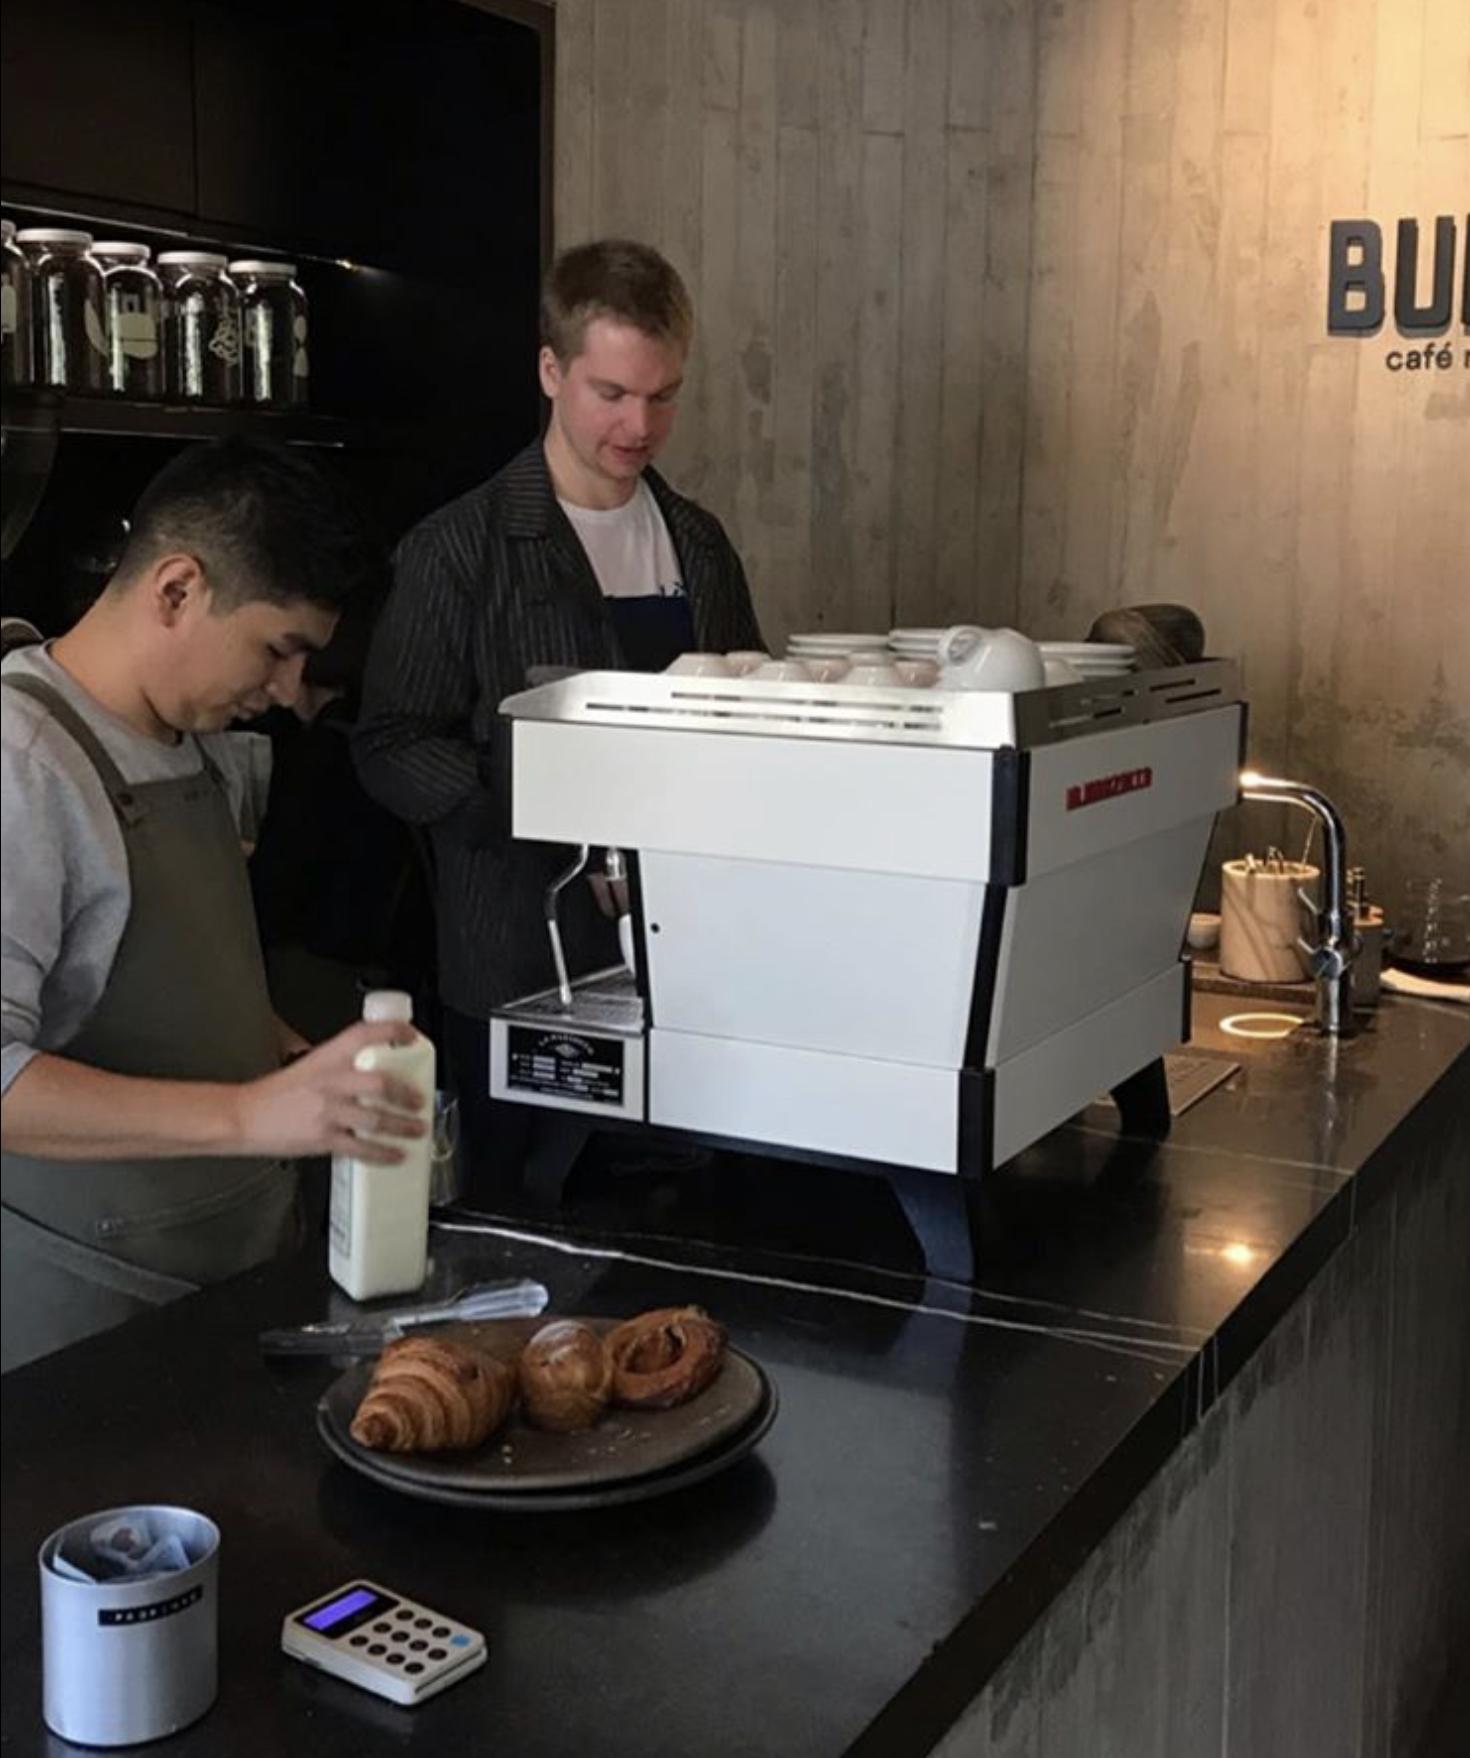 Jonas brewing coffee at Cafe Rico